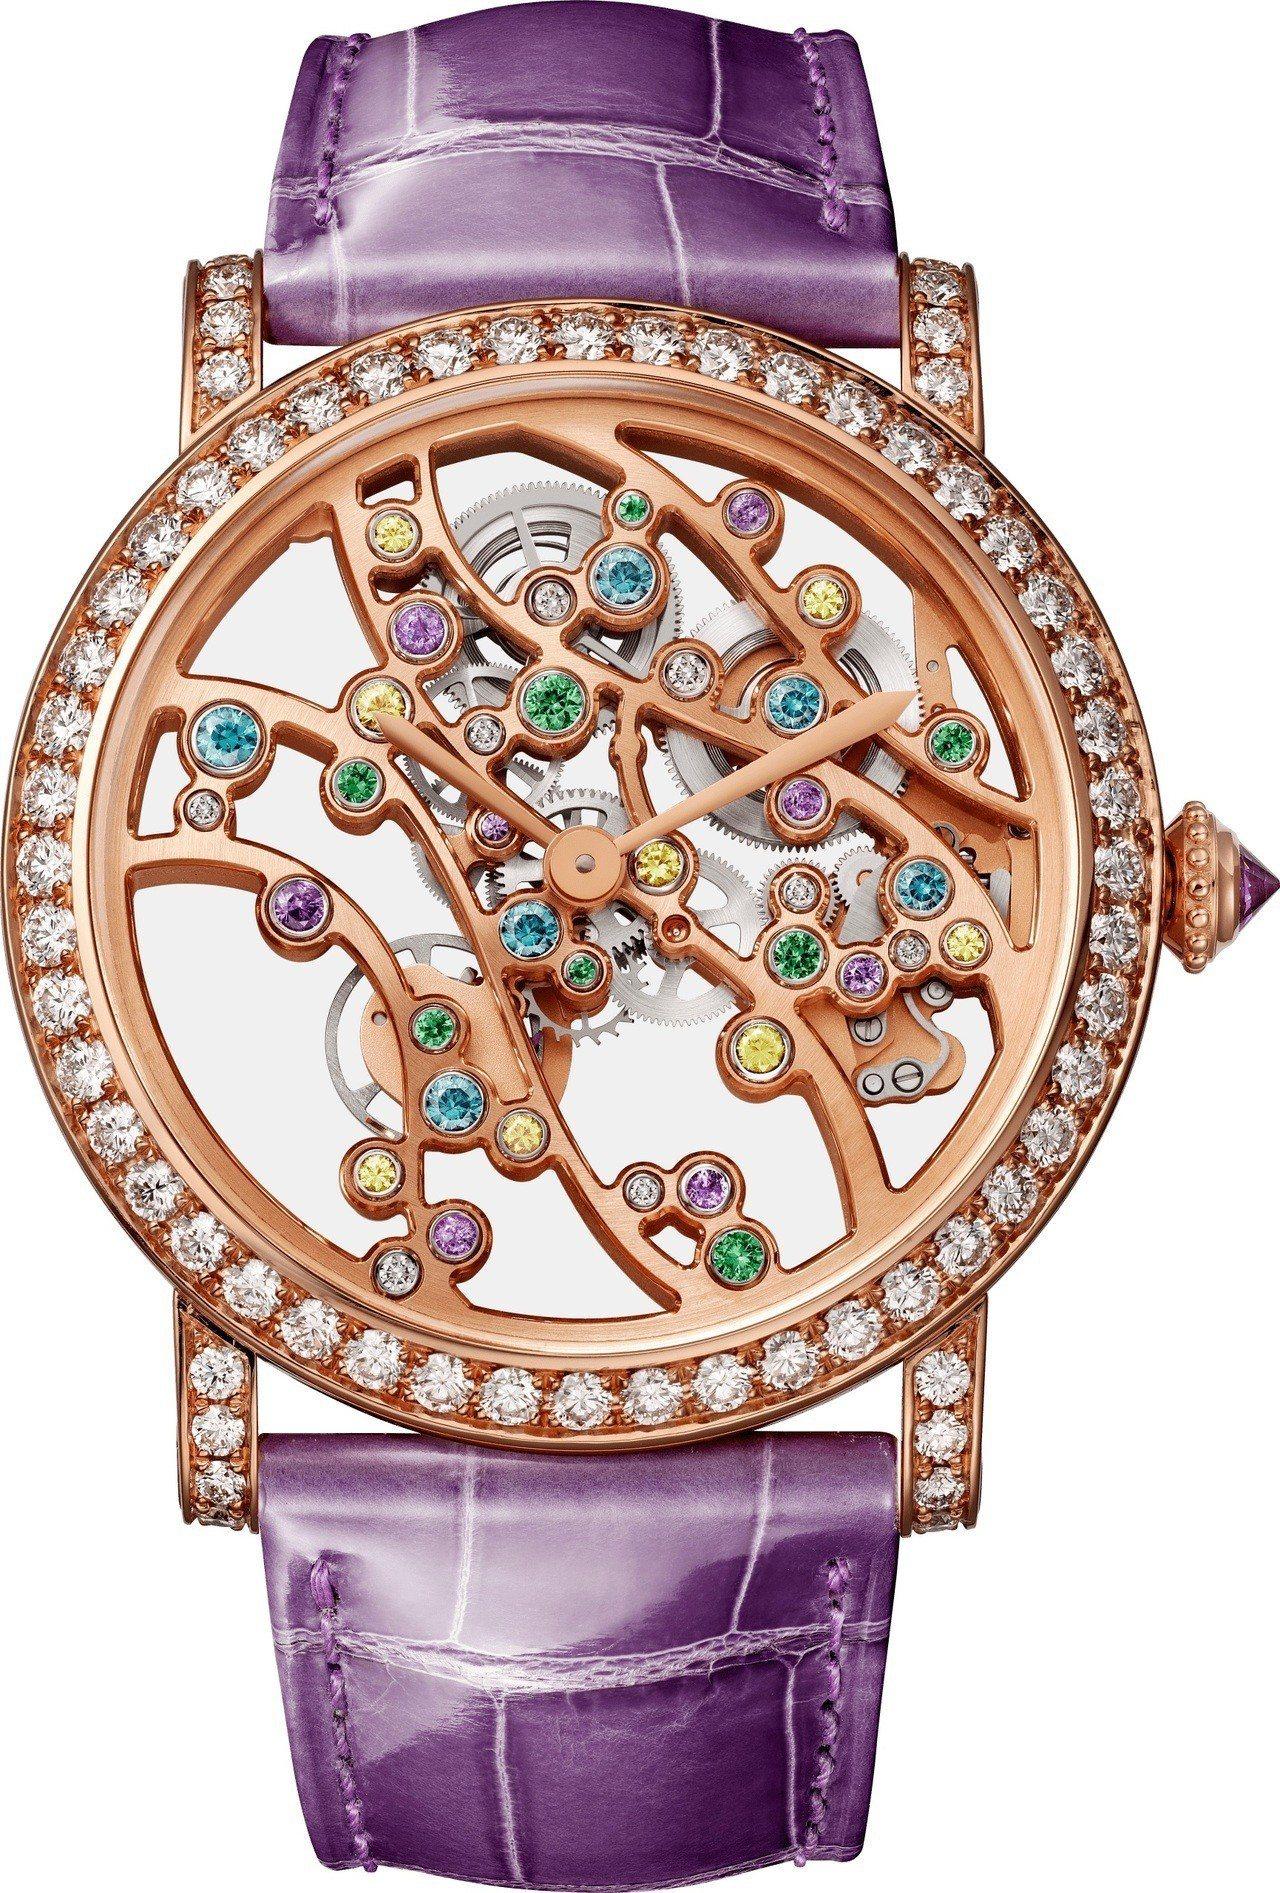 卡地亞 JARDINS JAPONAIS 系列夏季複雜腕表,364萬元,全球限量...